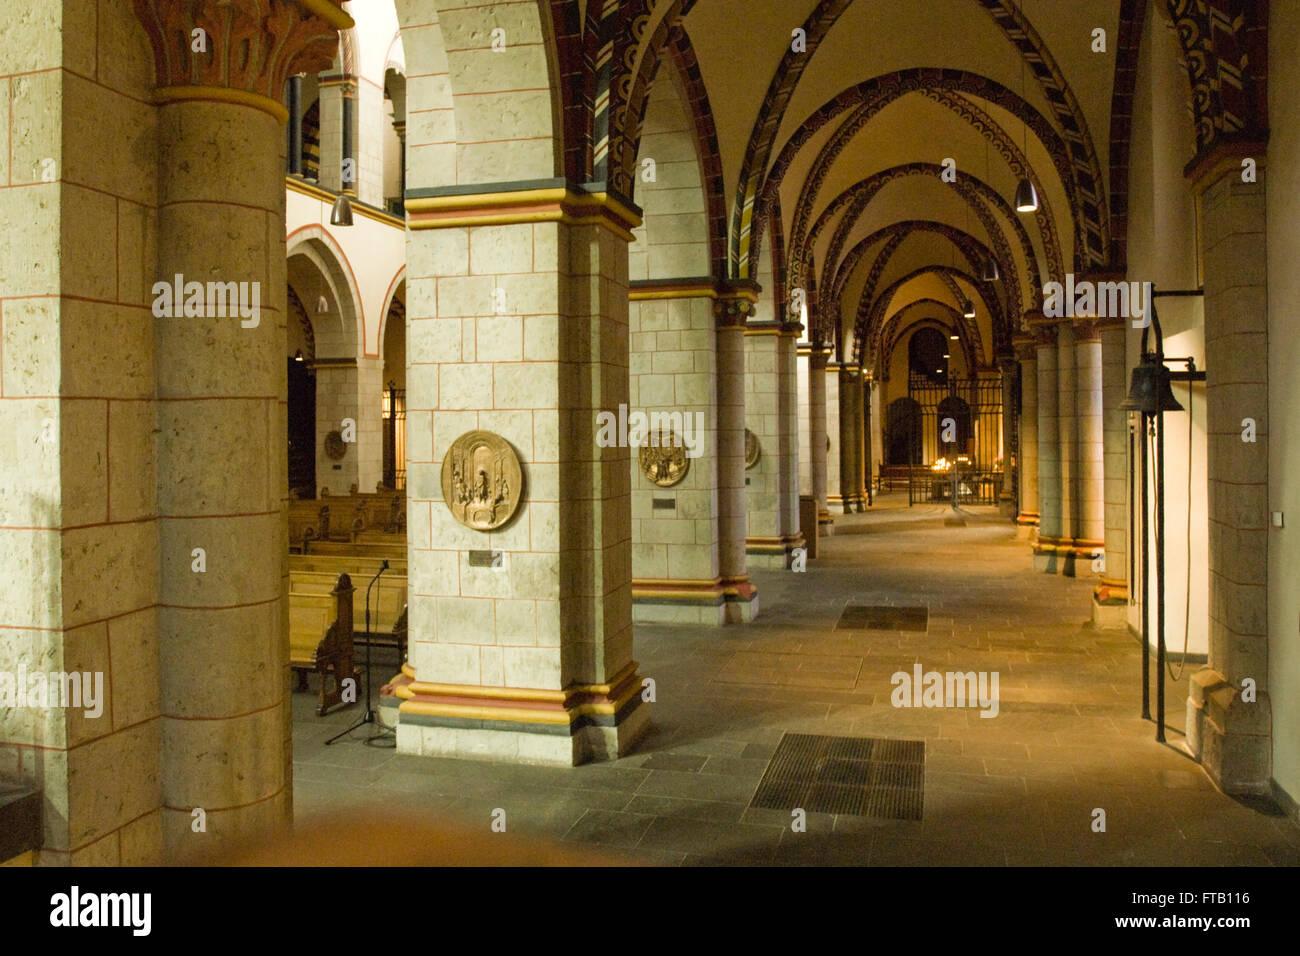 Neuss, Quirinusmünster, eine der bedeutendsten spätromanischen Kirchen am Niederrhein - Stock Image